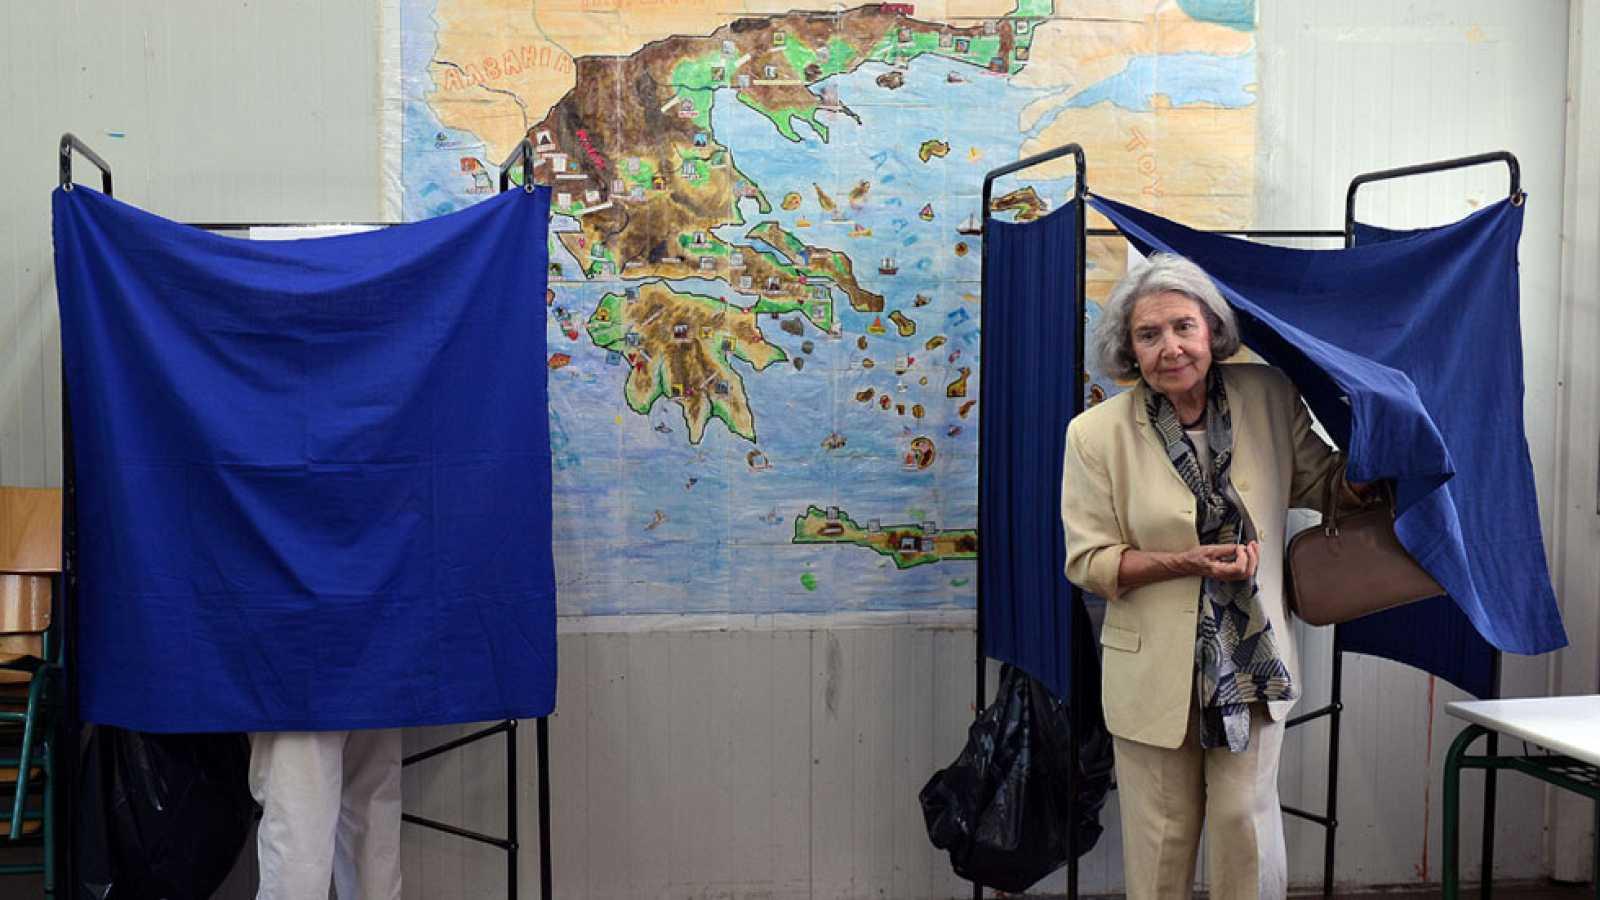 El referéndum en Grecia divide a los helenos